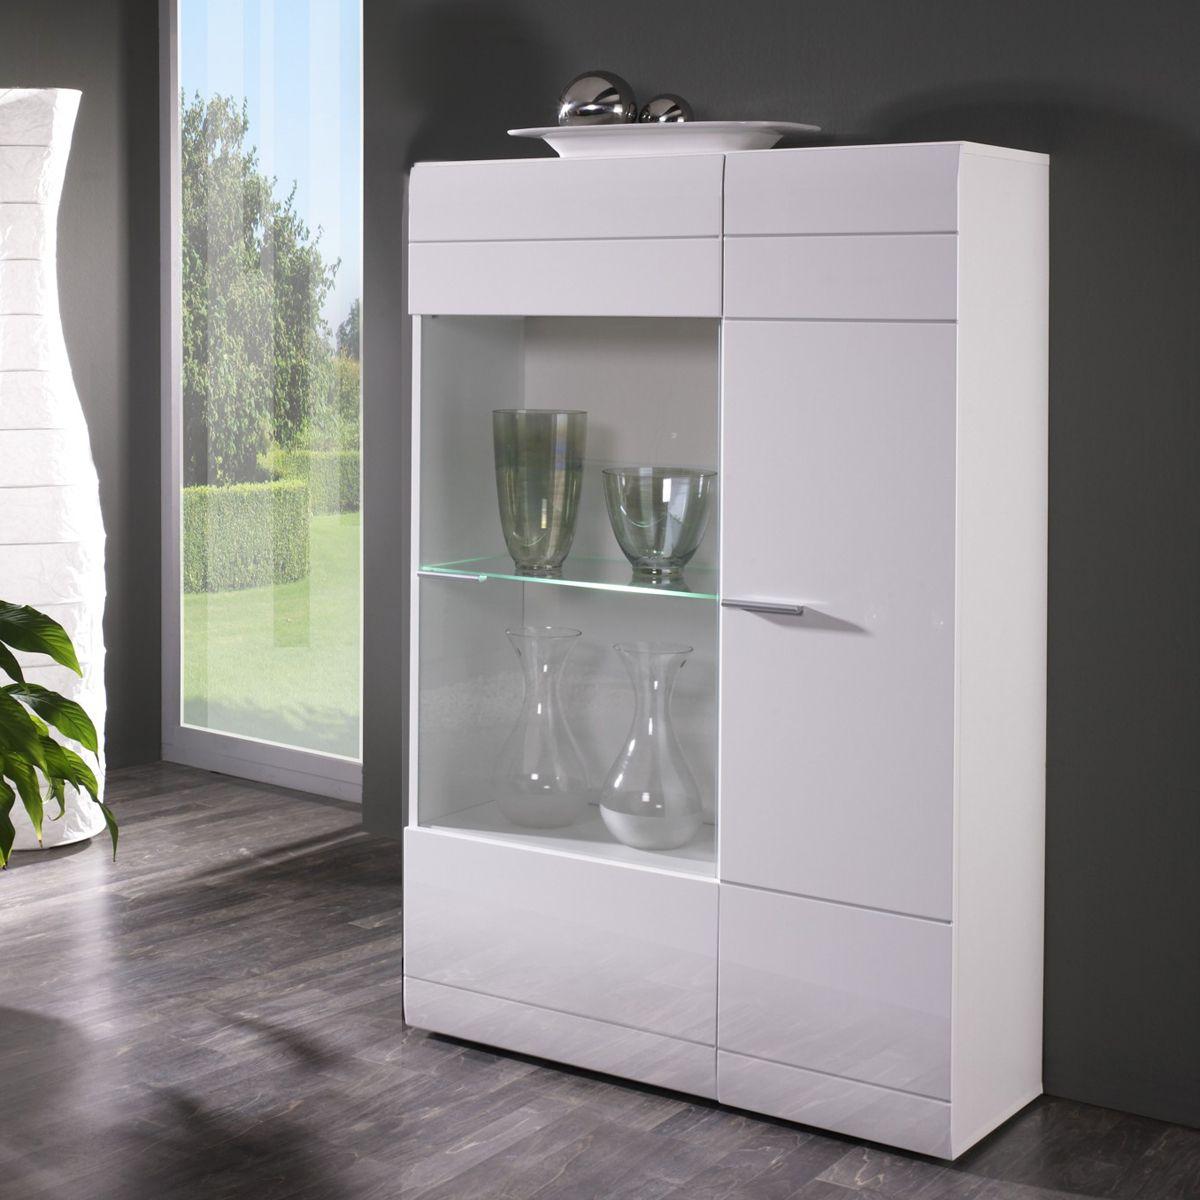 4 Quality Fotos Von Wohnzimmerschrank Ikea